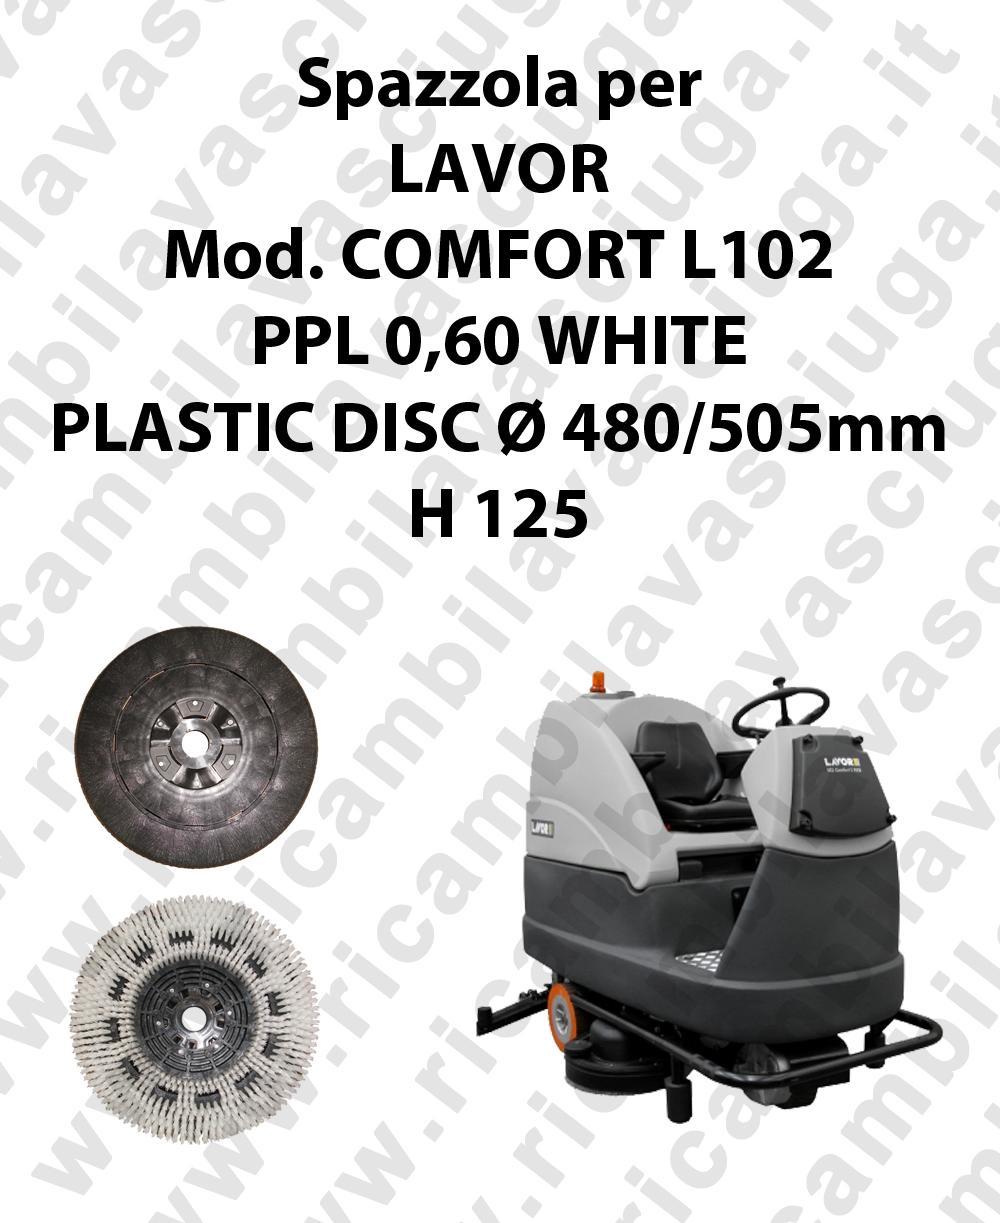 Spazzola lavare PPL 0,60 WHITE per lavapavimenti LAVOR modello COMFORT L102